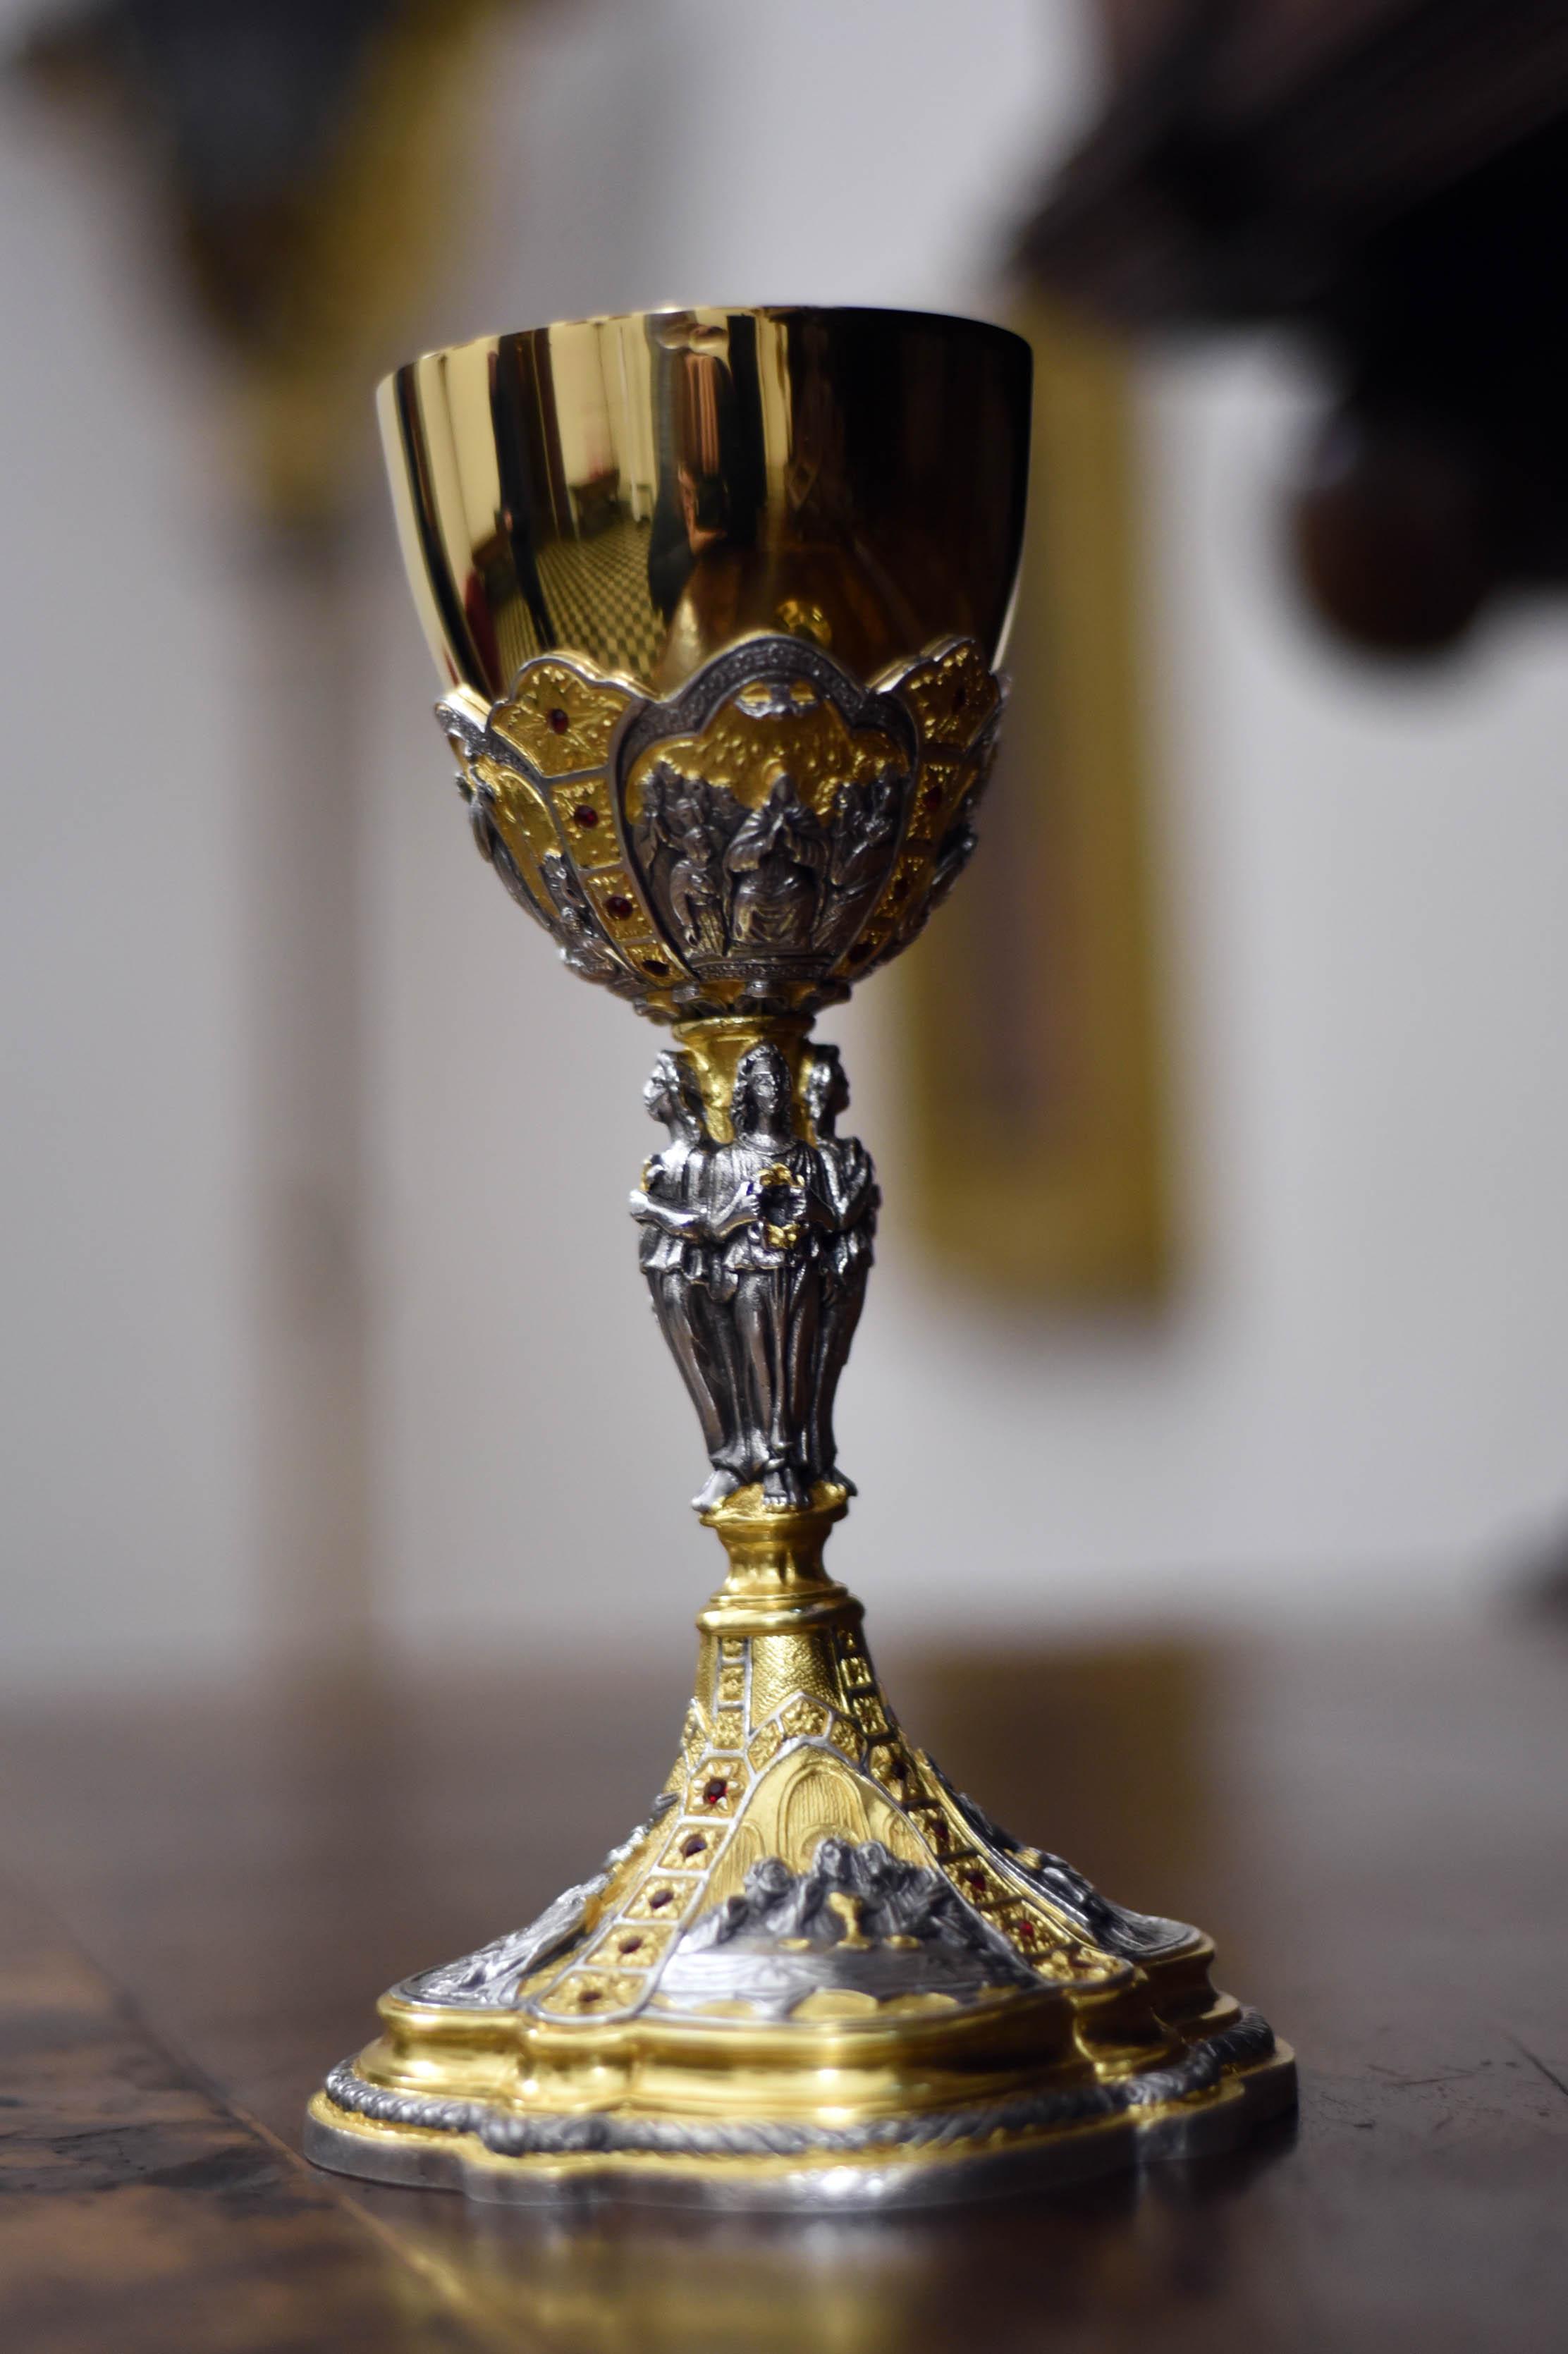 calice donato da papa francesco alla cattedrale di prato